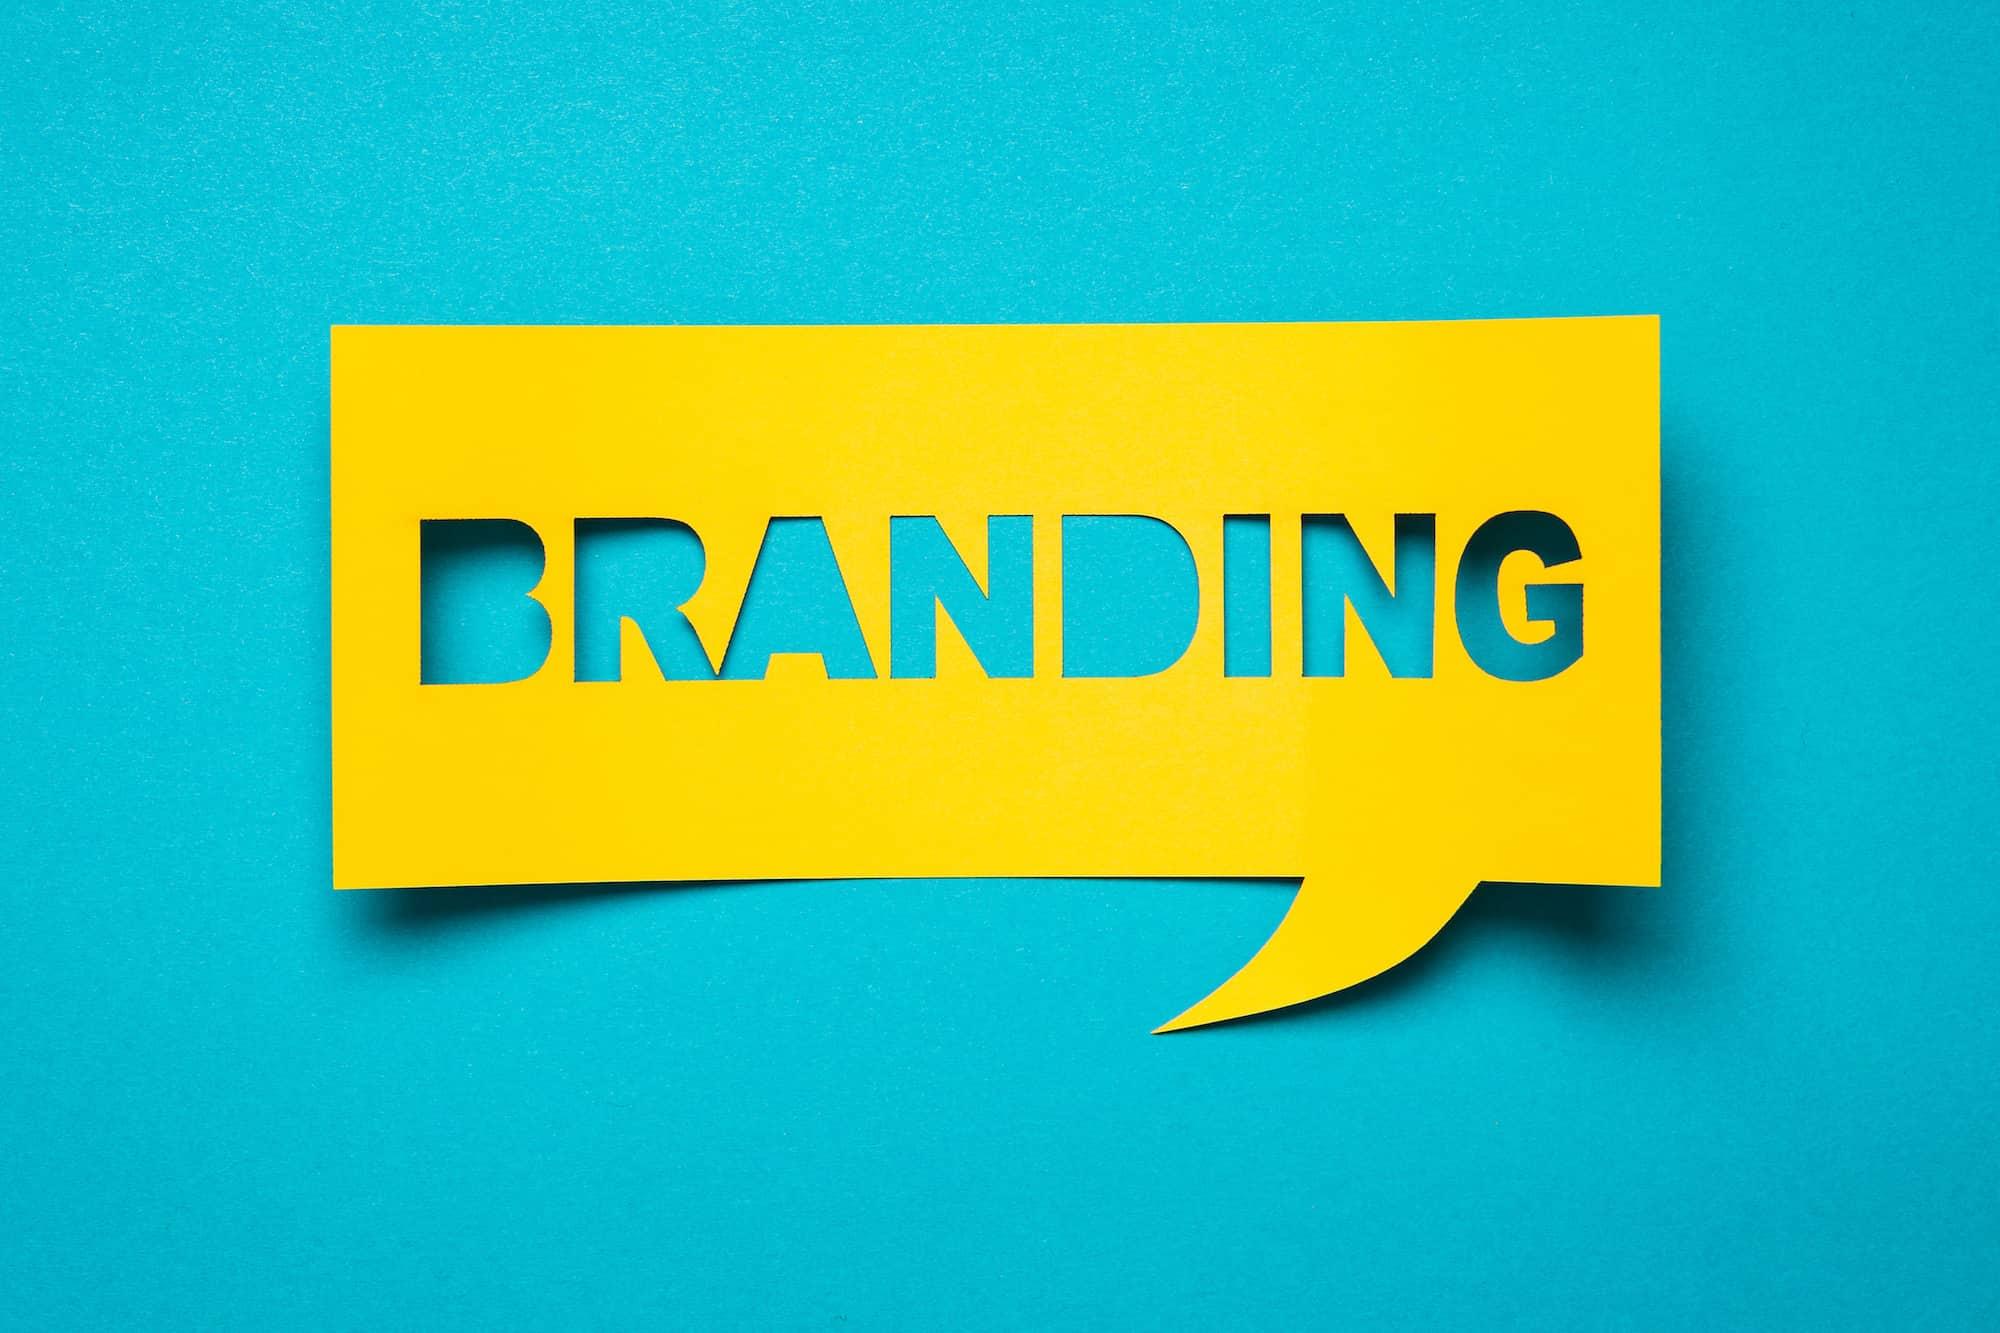 Steps for Better eCommerce Branding